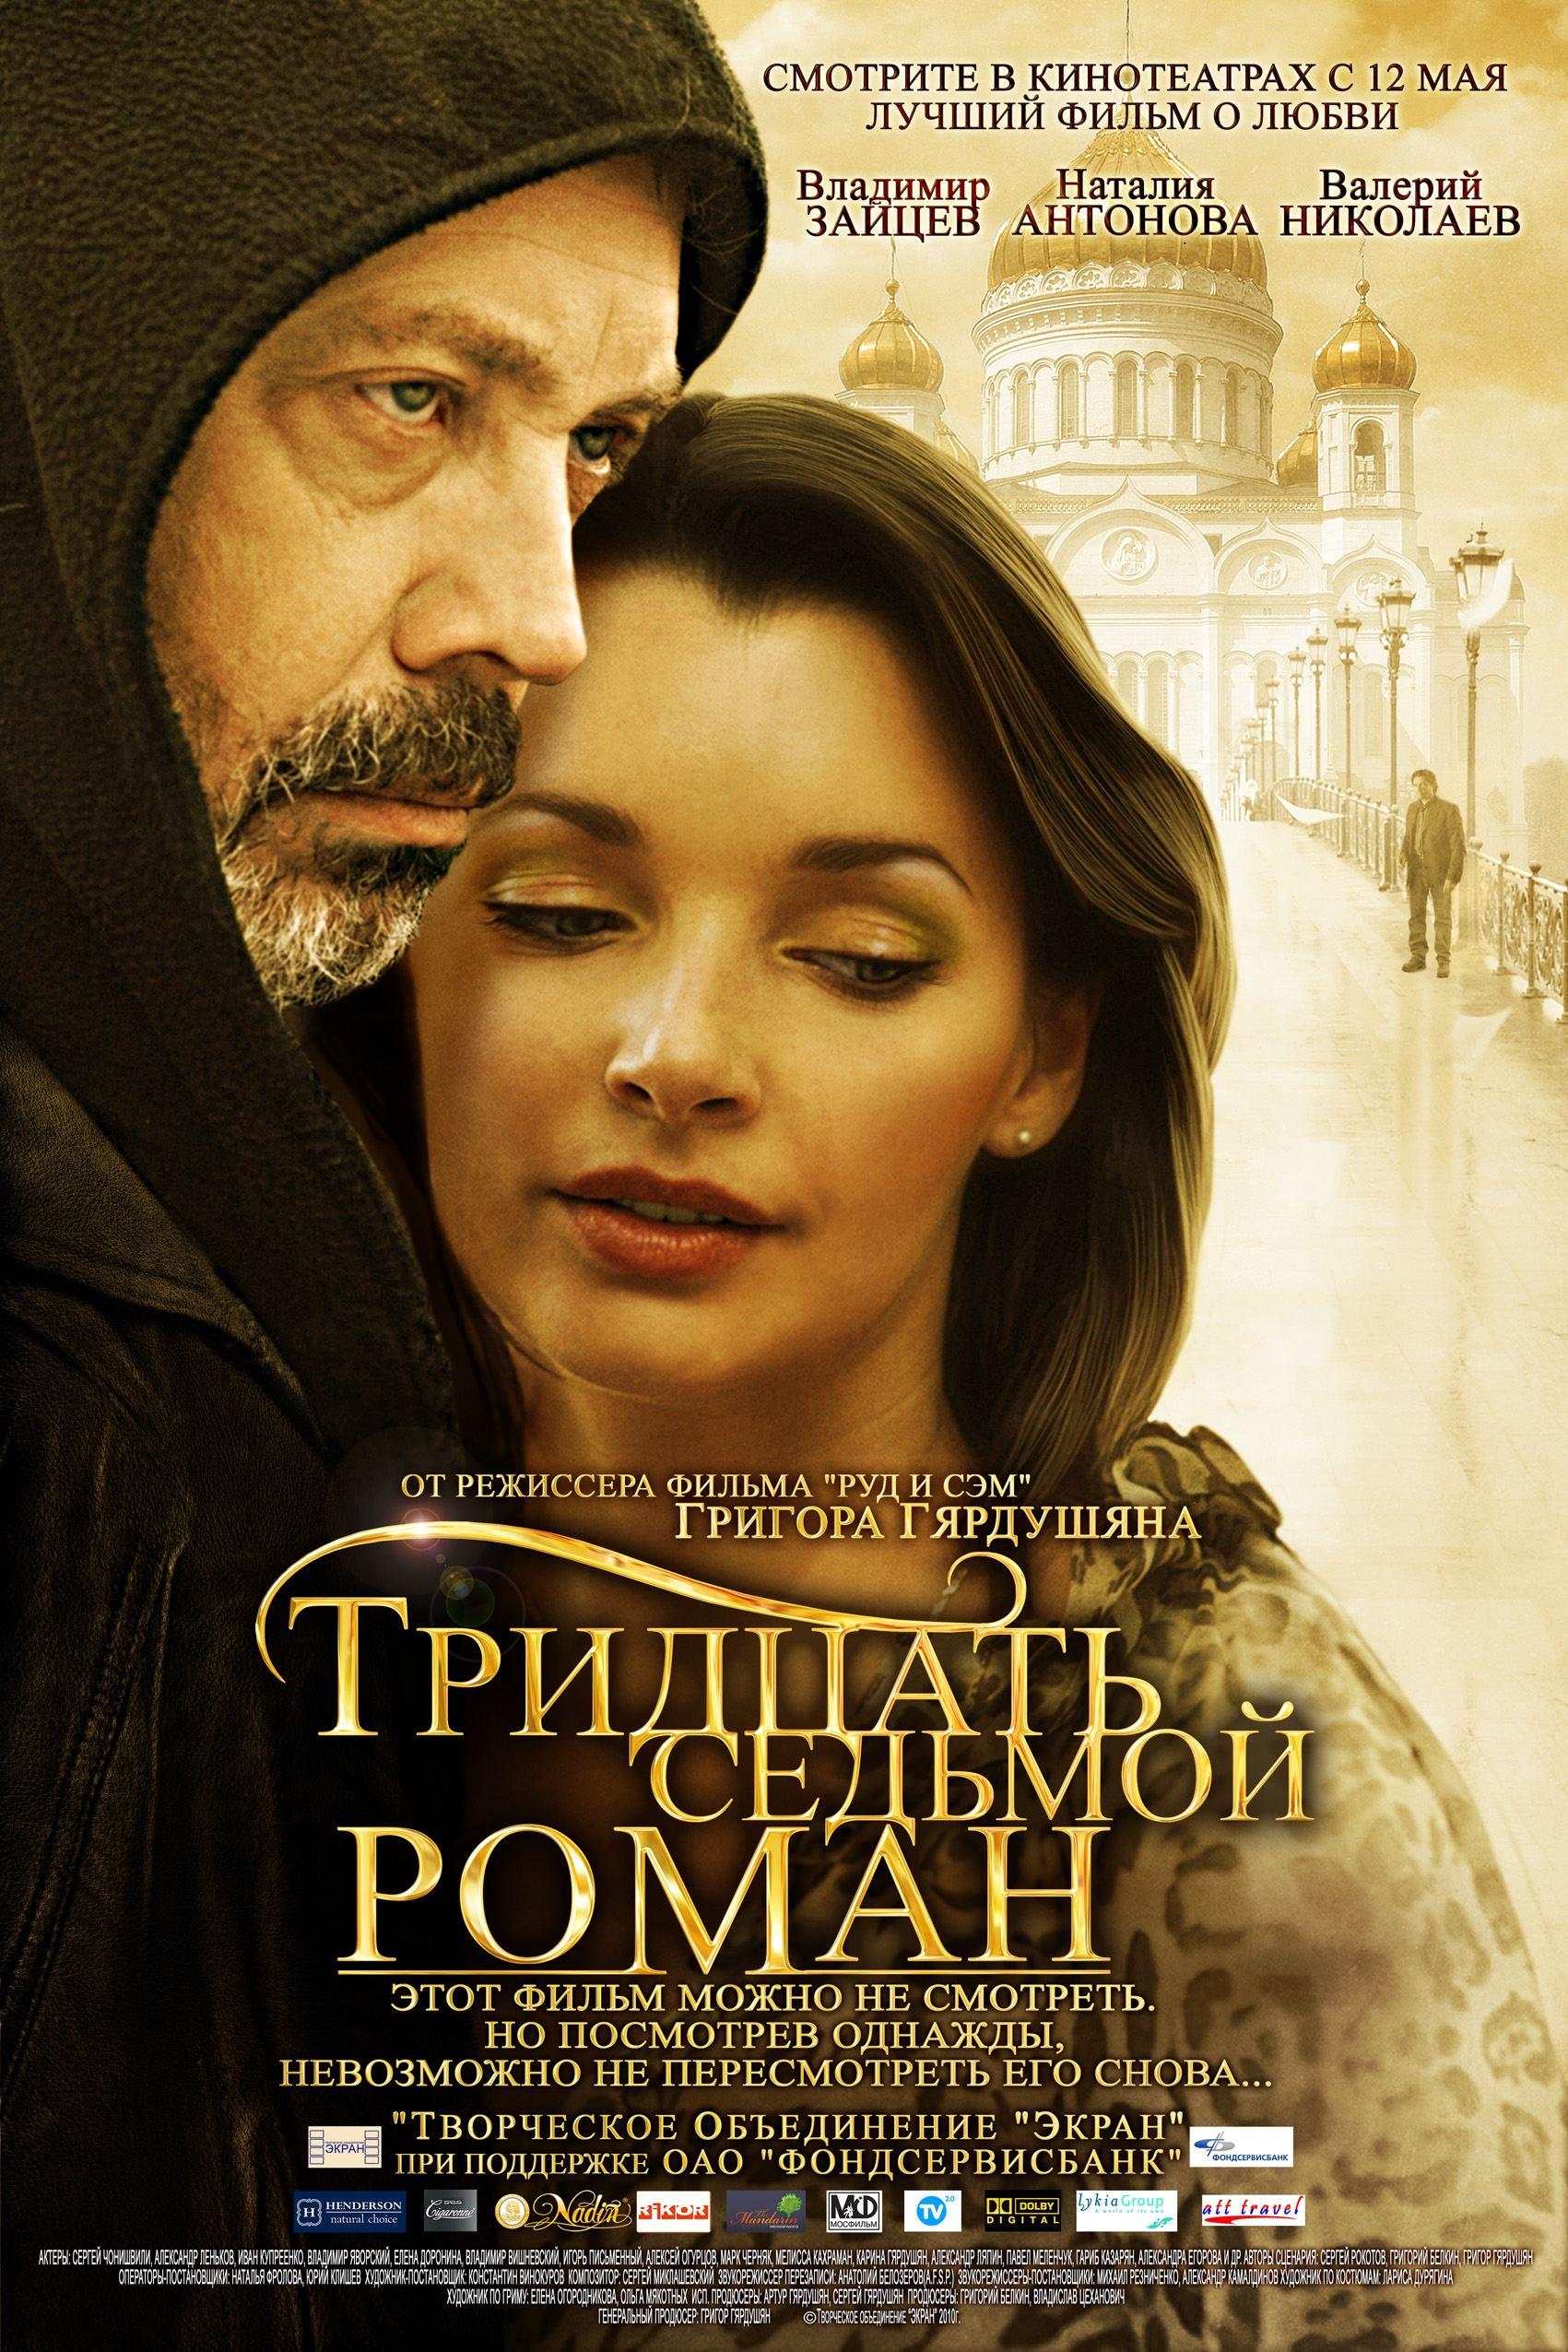 Русские филми смотреть бесплатно 15 фотография